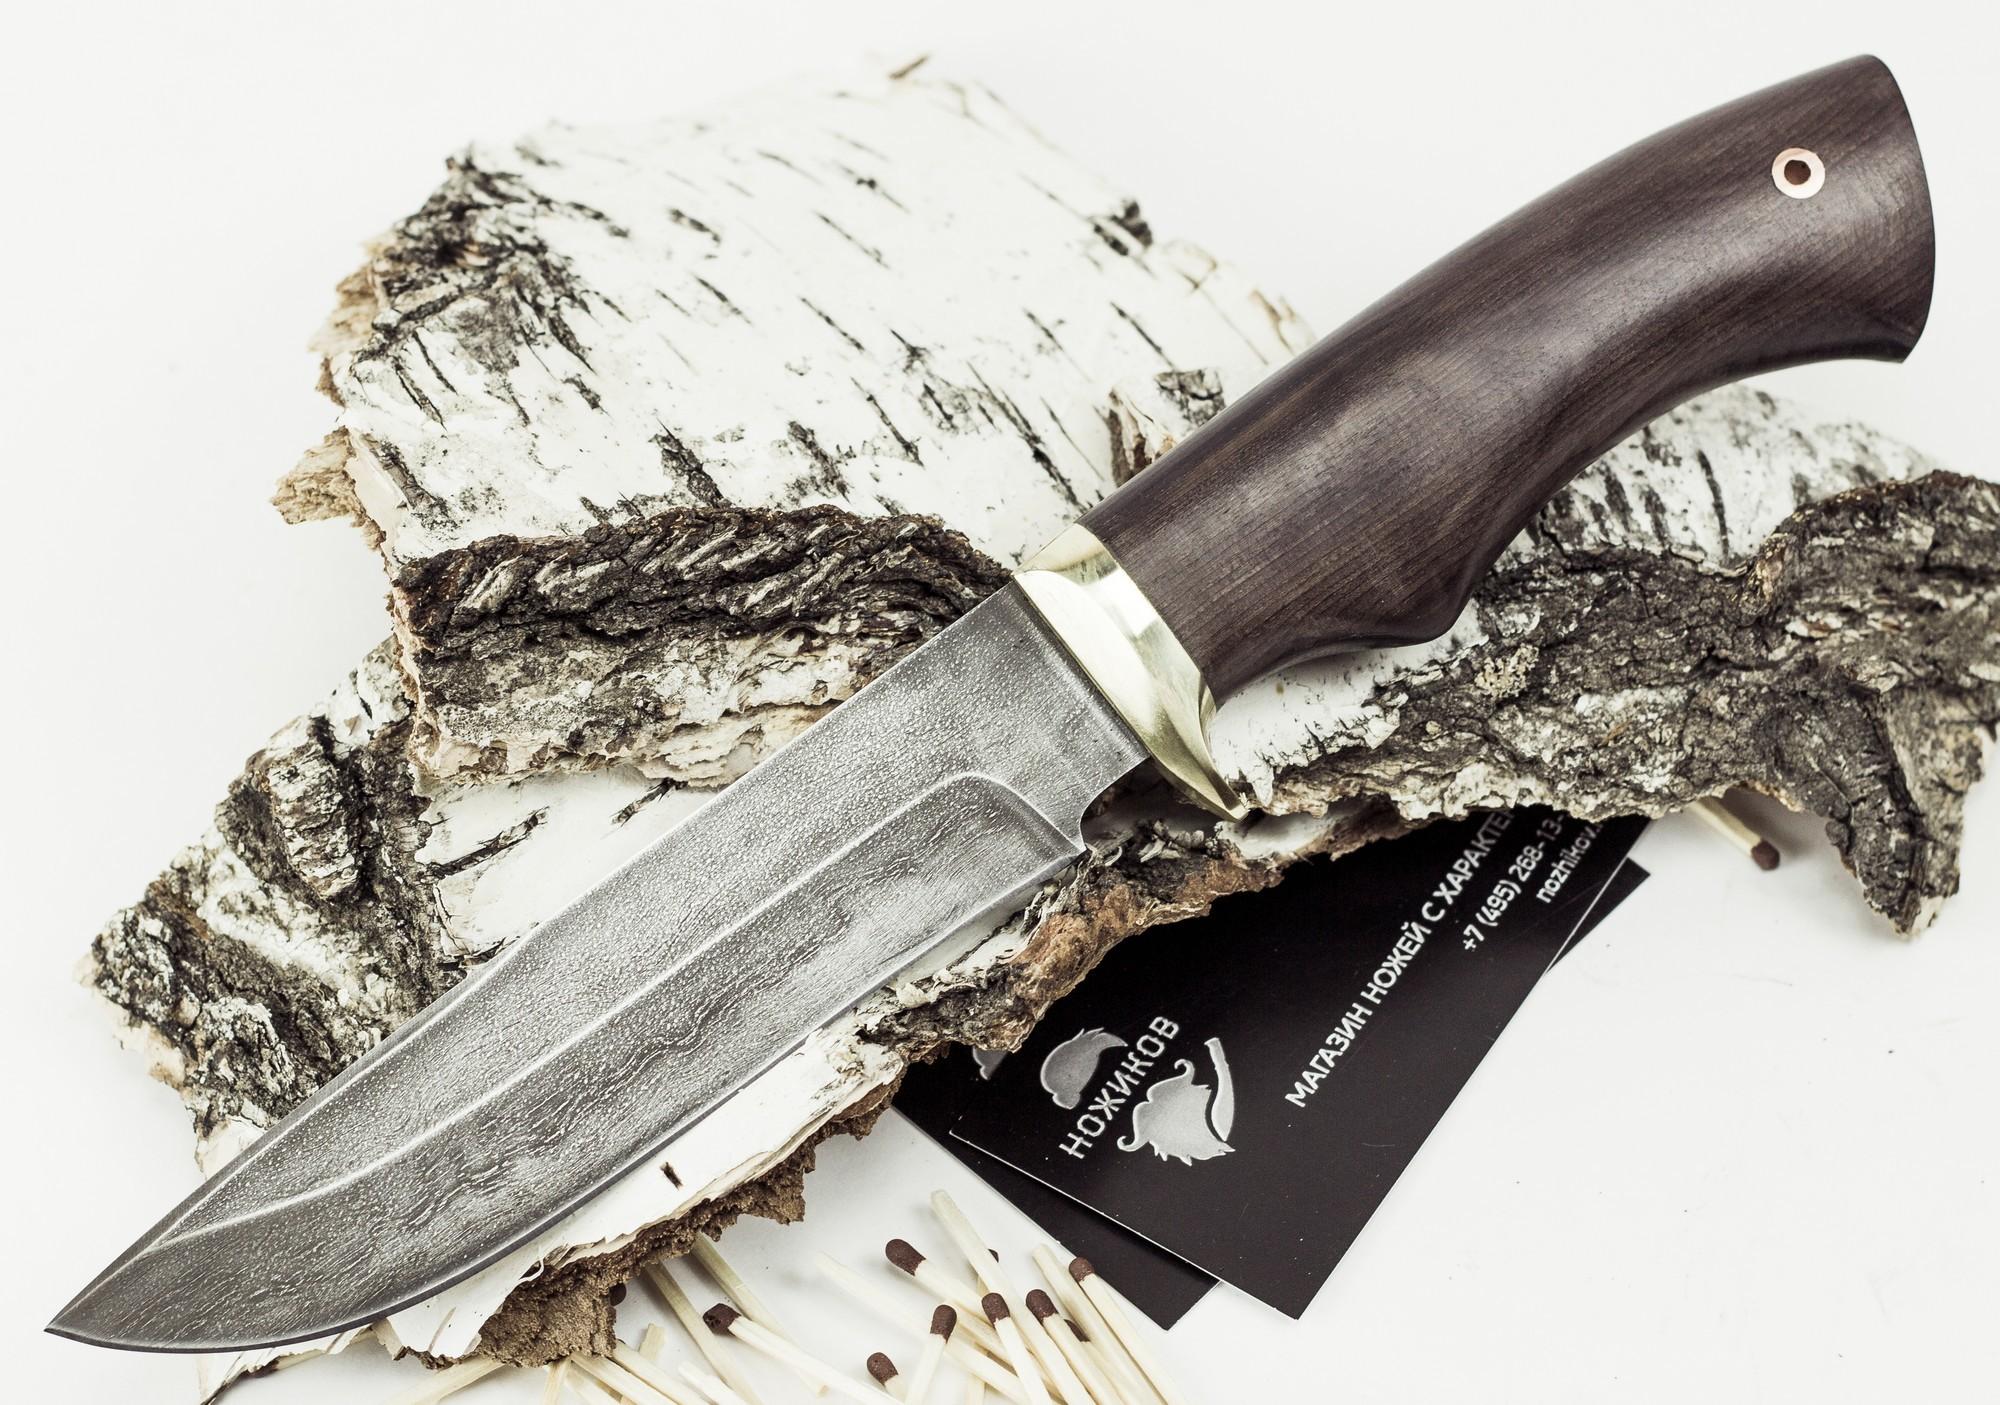 Фото 13 - Нож Викинг-2, ХВ5 от Промтехснаб